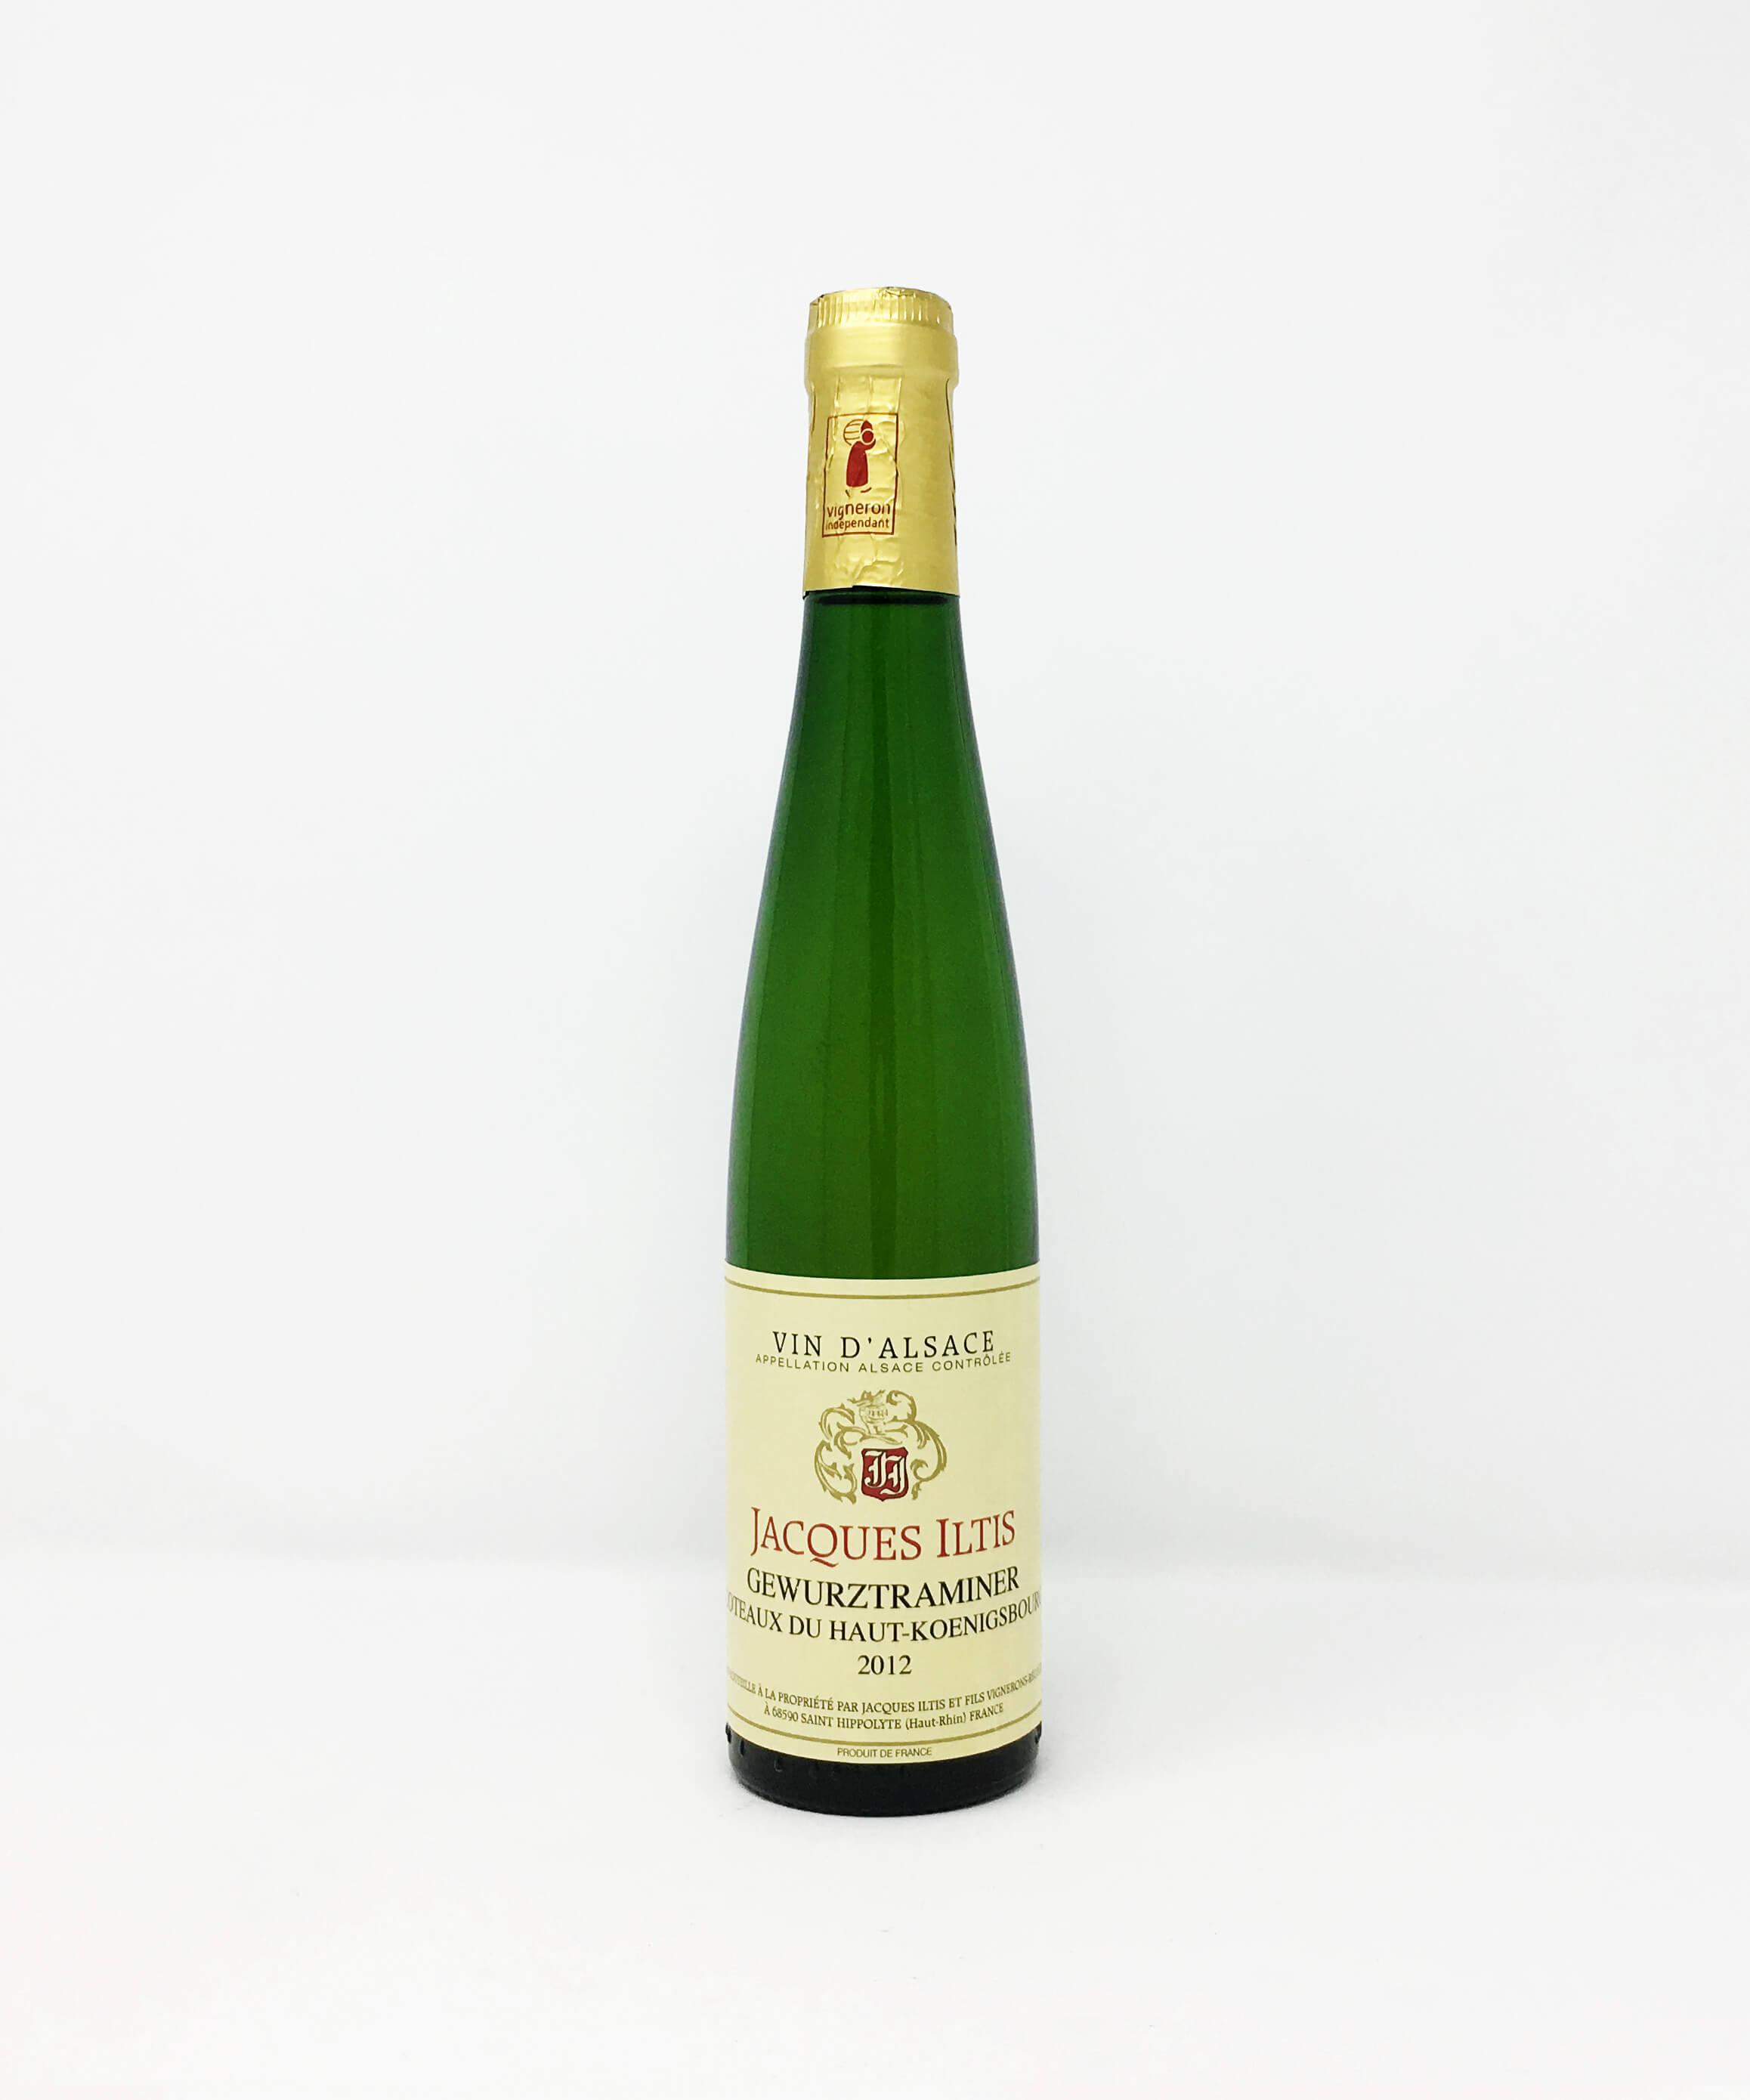 Jacques Iltis, Gewurztraminer, Coteaux Du Haut-Koenigsbourg HALF BOTTLE